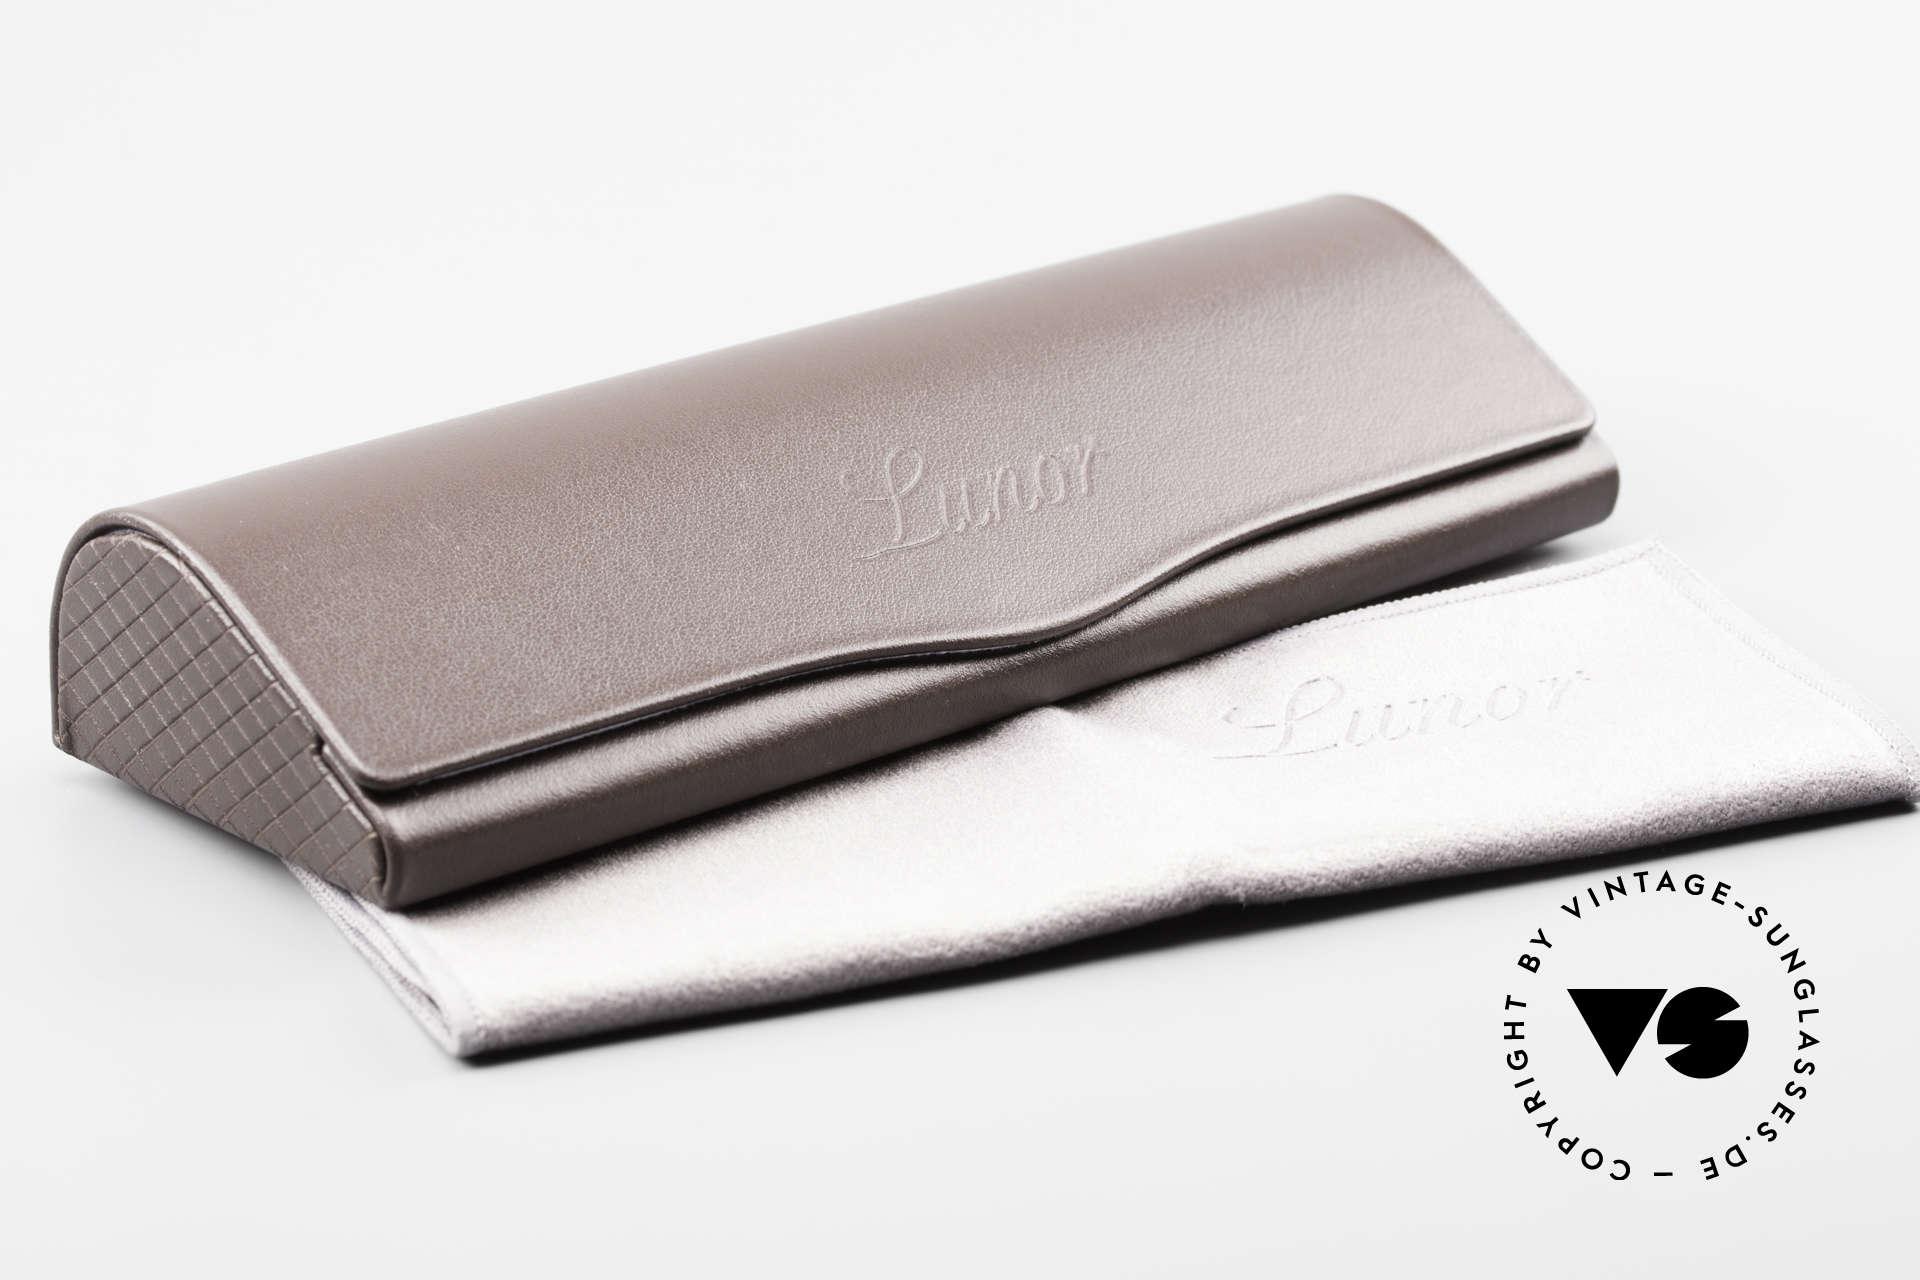 Lunor V 108 Panto Frame Platinum Plated, Size: medium, Made for Men